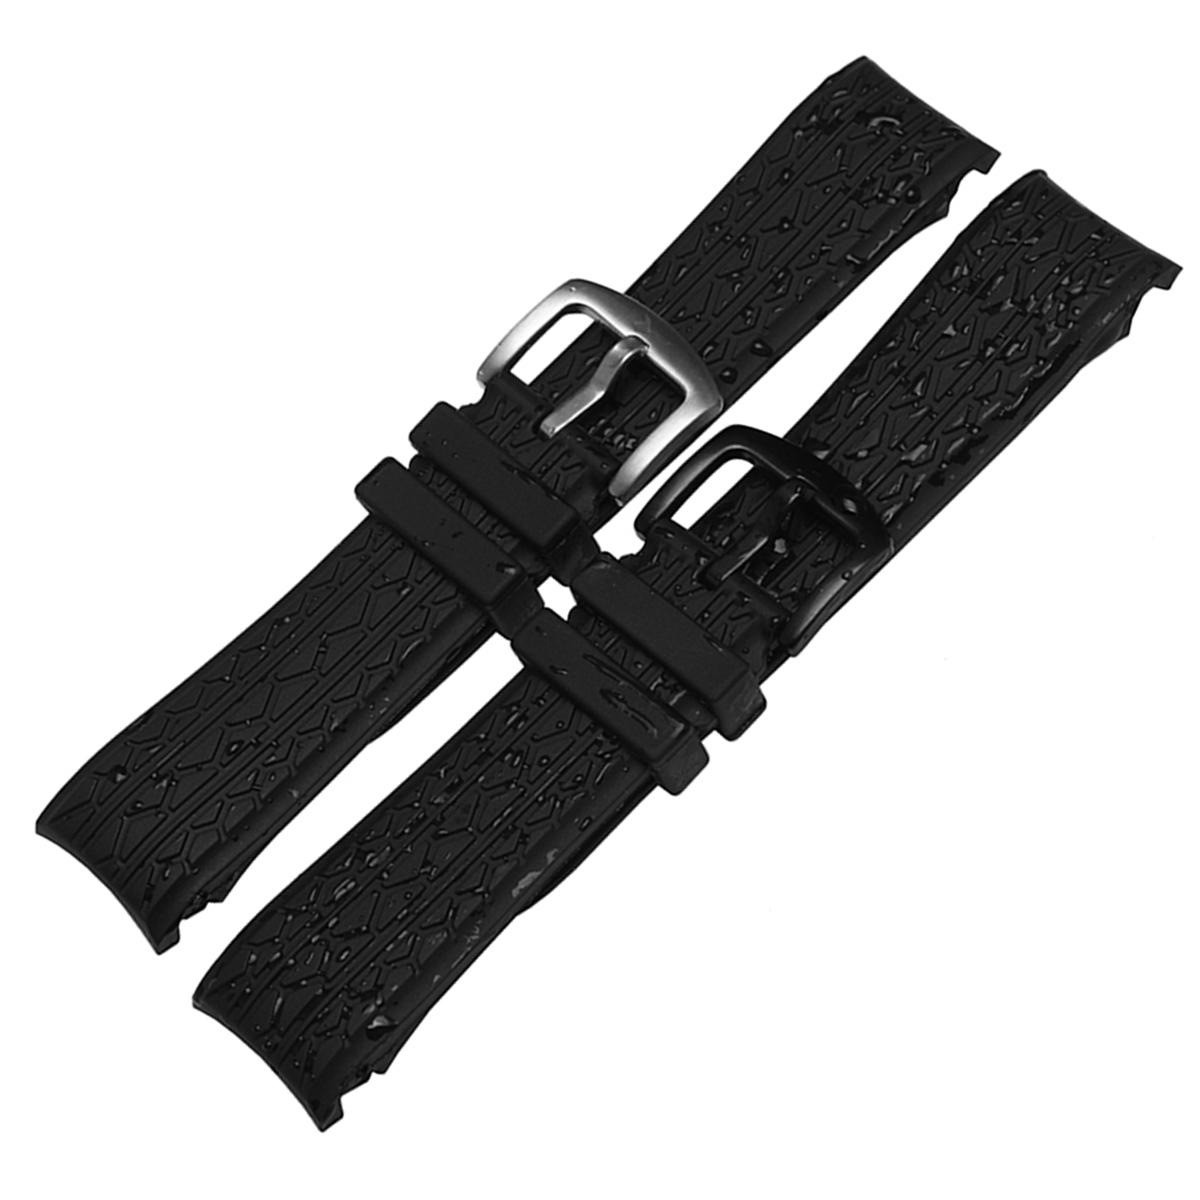 【メール便】 腕時計ベルト 腕時計バンド 替えストラップ 社外品 汎用ラバーベルト 取付幅24mm 適用: PORSCHE ポルシェ (尾錠)ピンバックル付き [ Eight - ERB117 ]